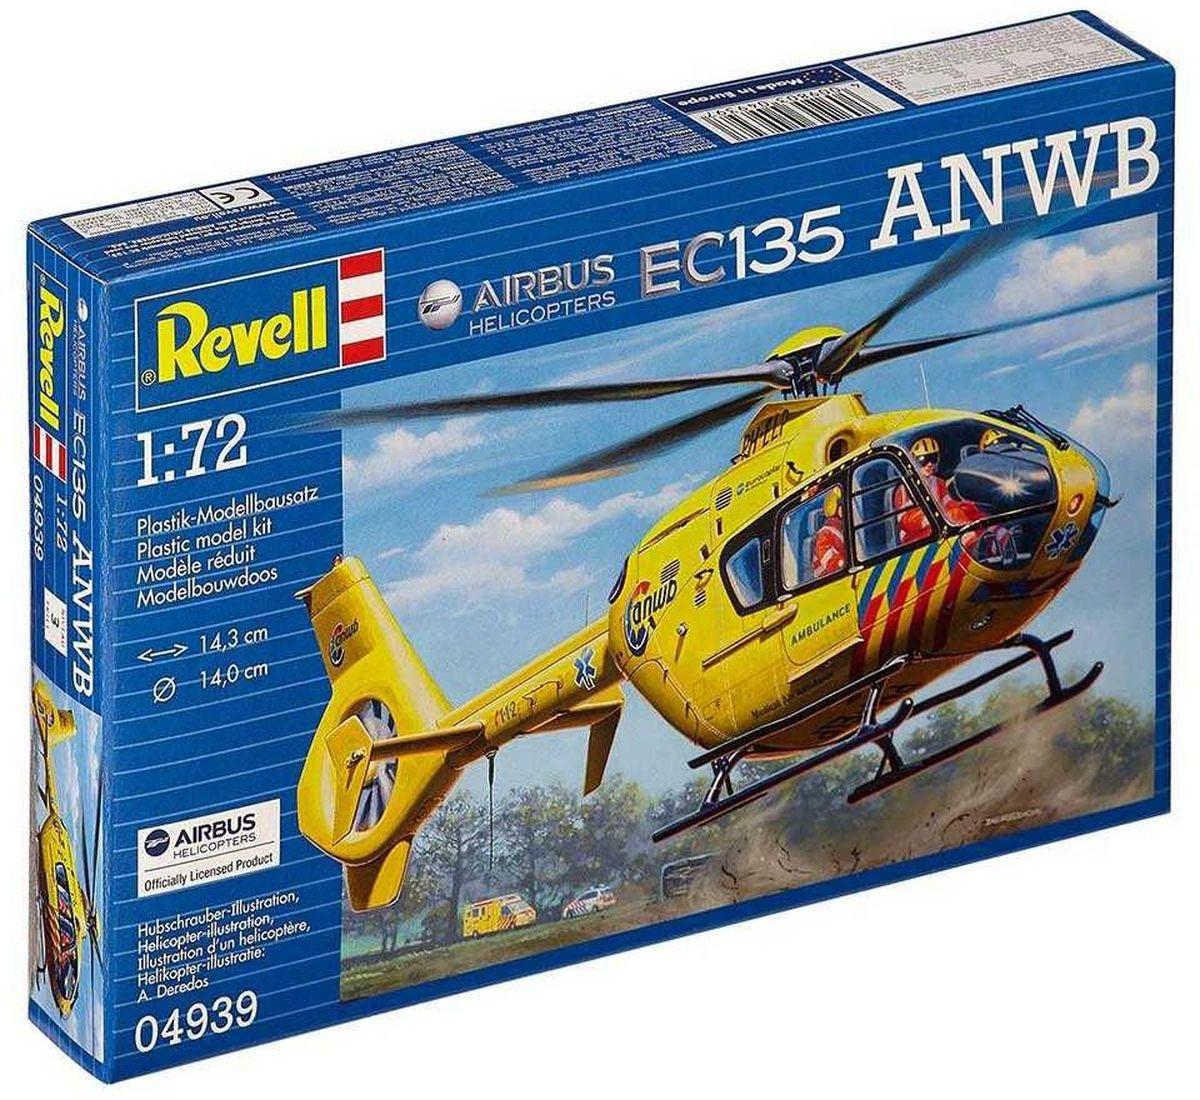 Revell Сборная модель Вертолет EC135 ANWB